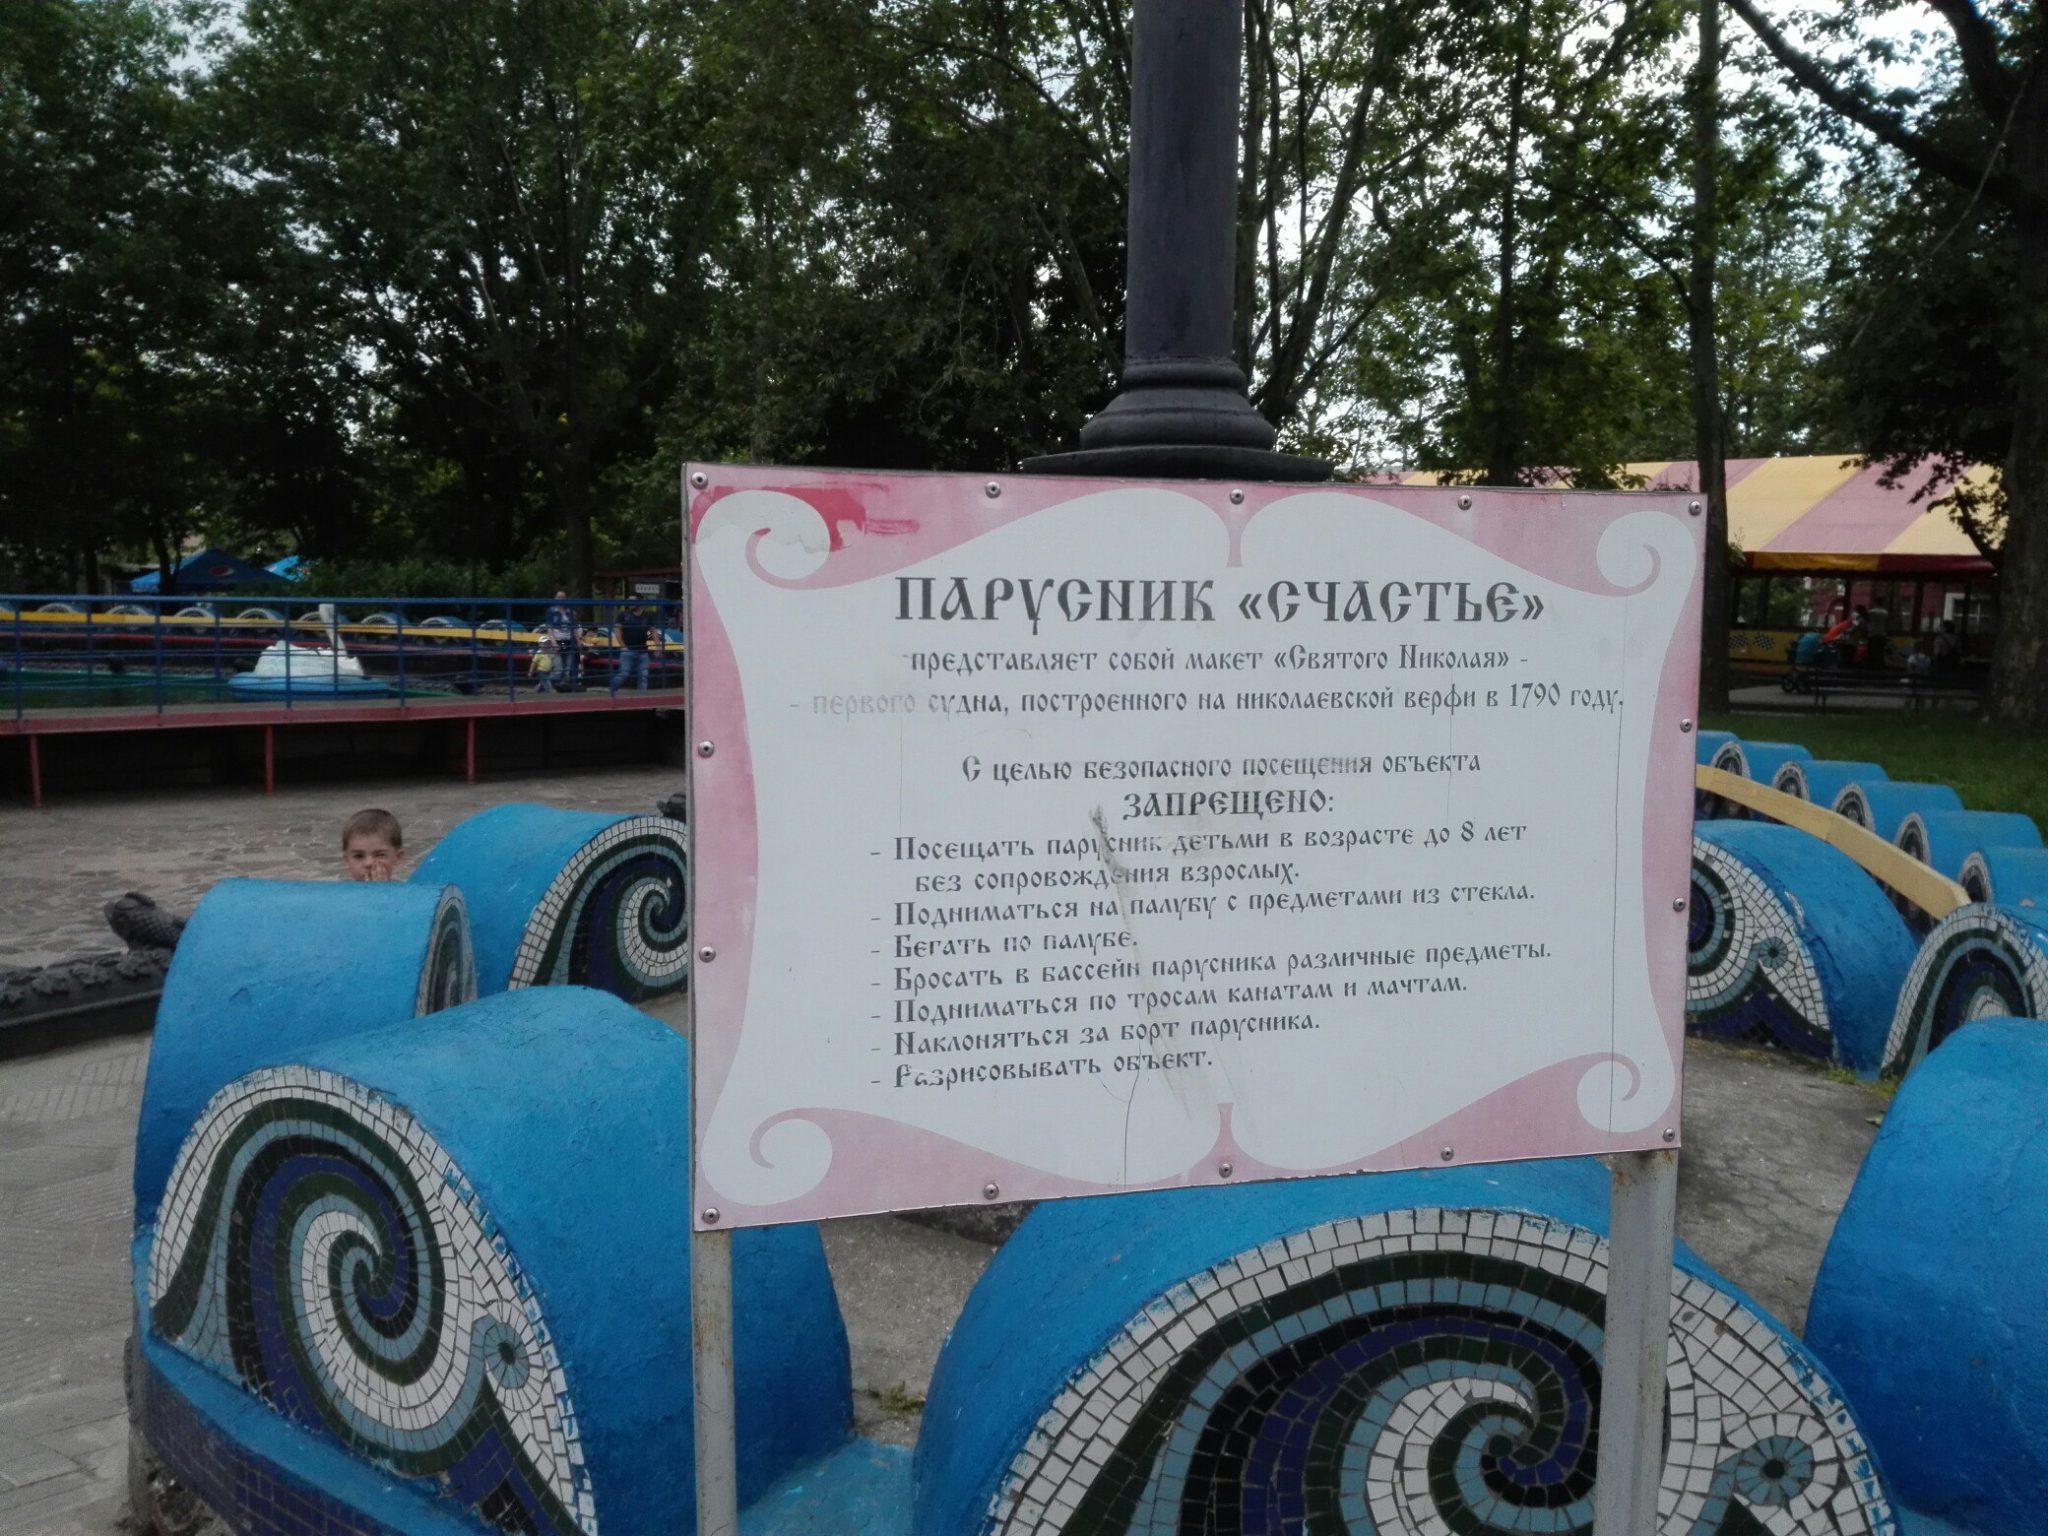 Николаев - город невест. Парк аттракционов Сказка.